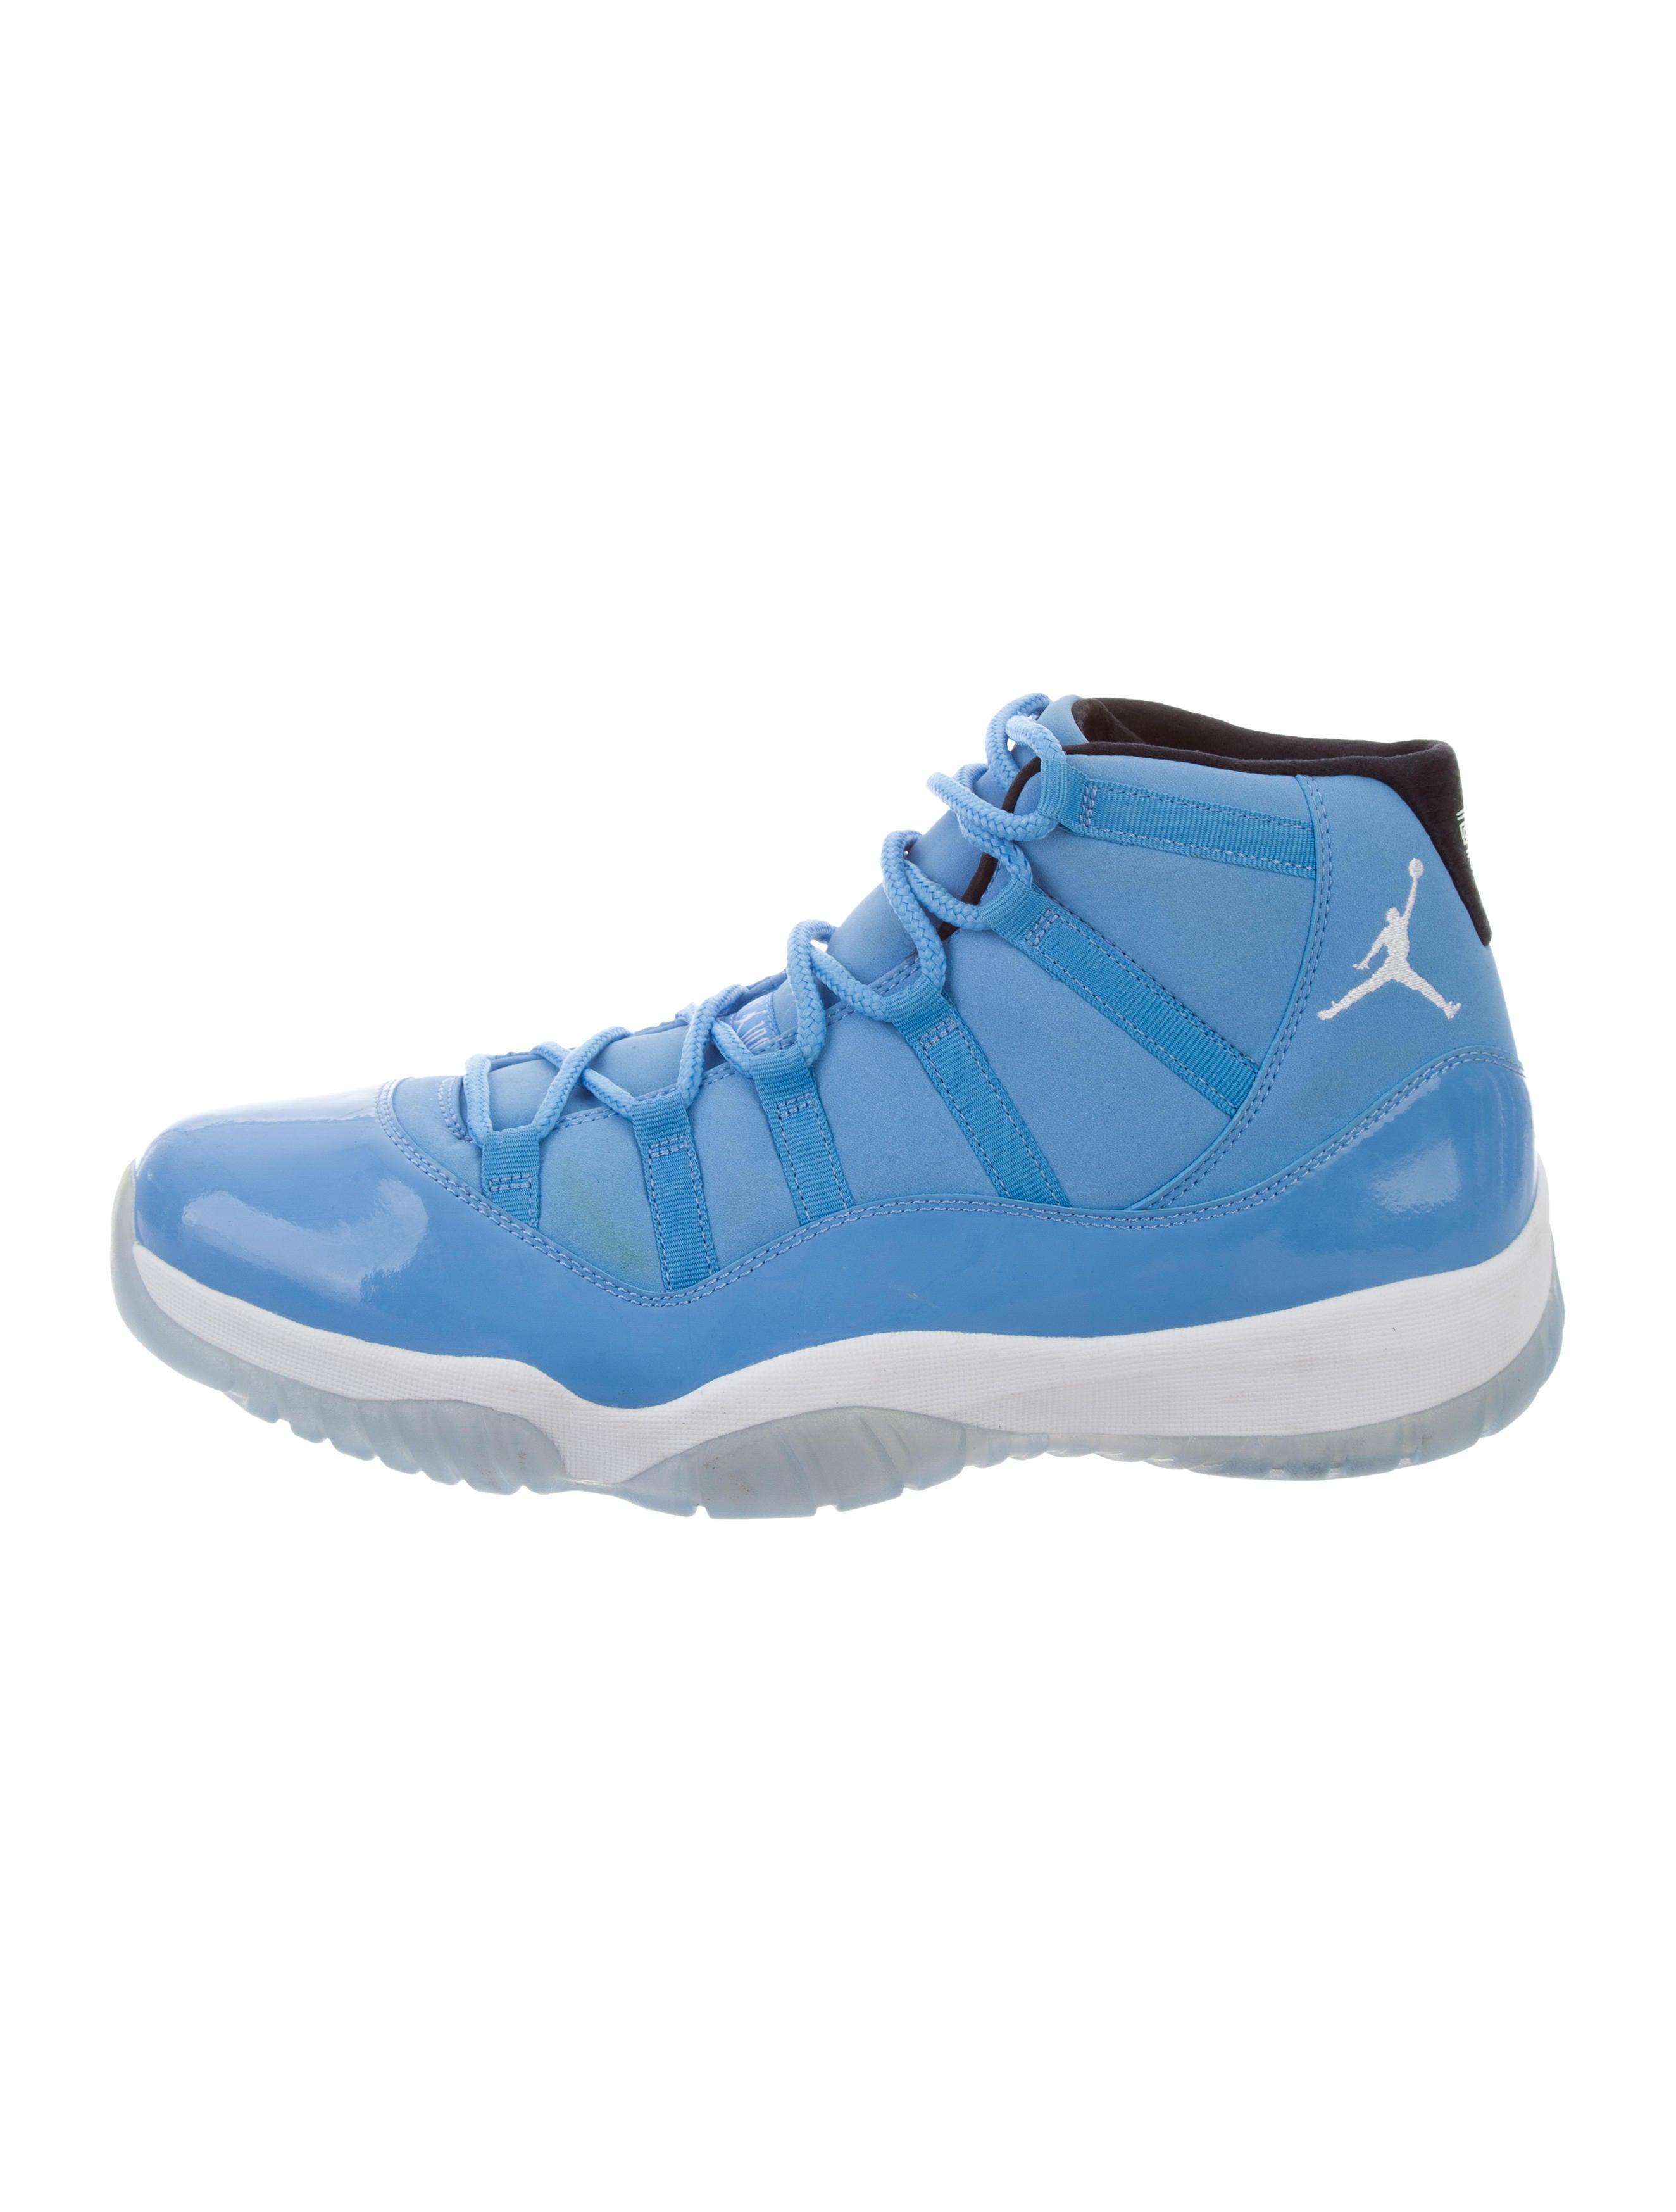 6ab6878cc7a3 ... australia nike air jordan 11 retro pantone sneakers. 11 retro pantone  sneakers 01dcb 86f4d